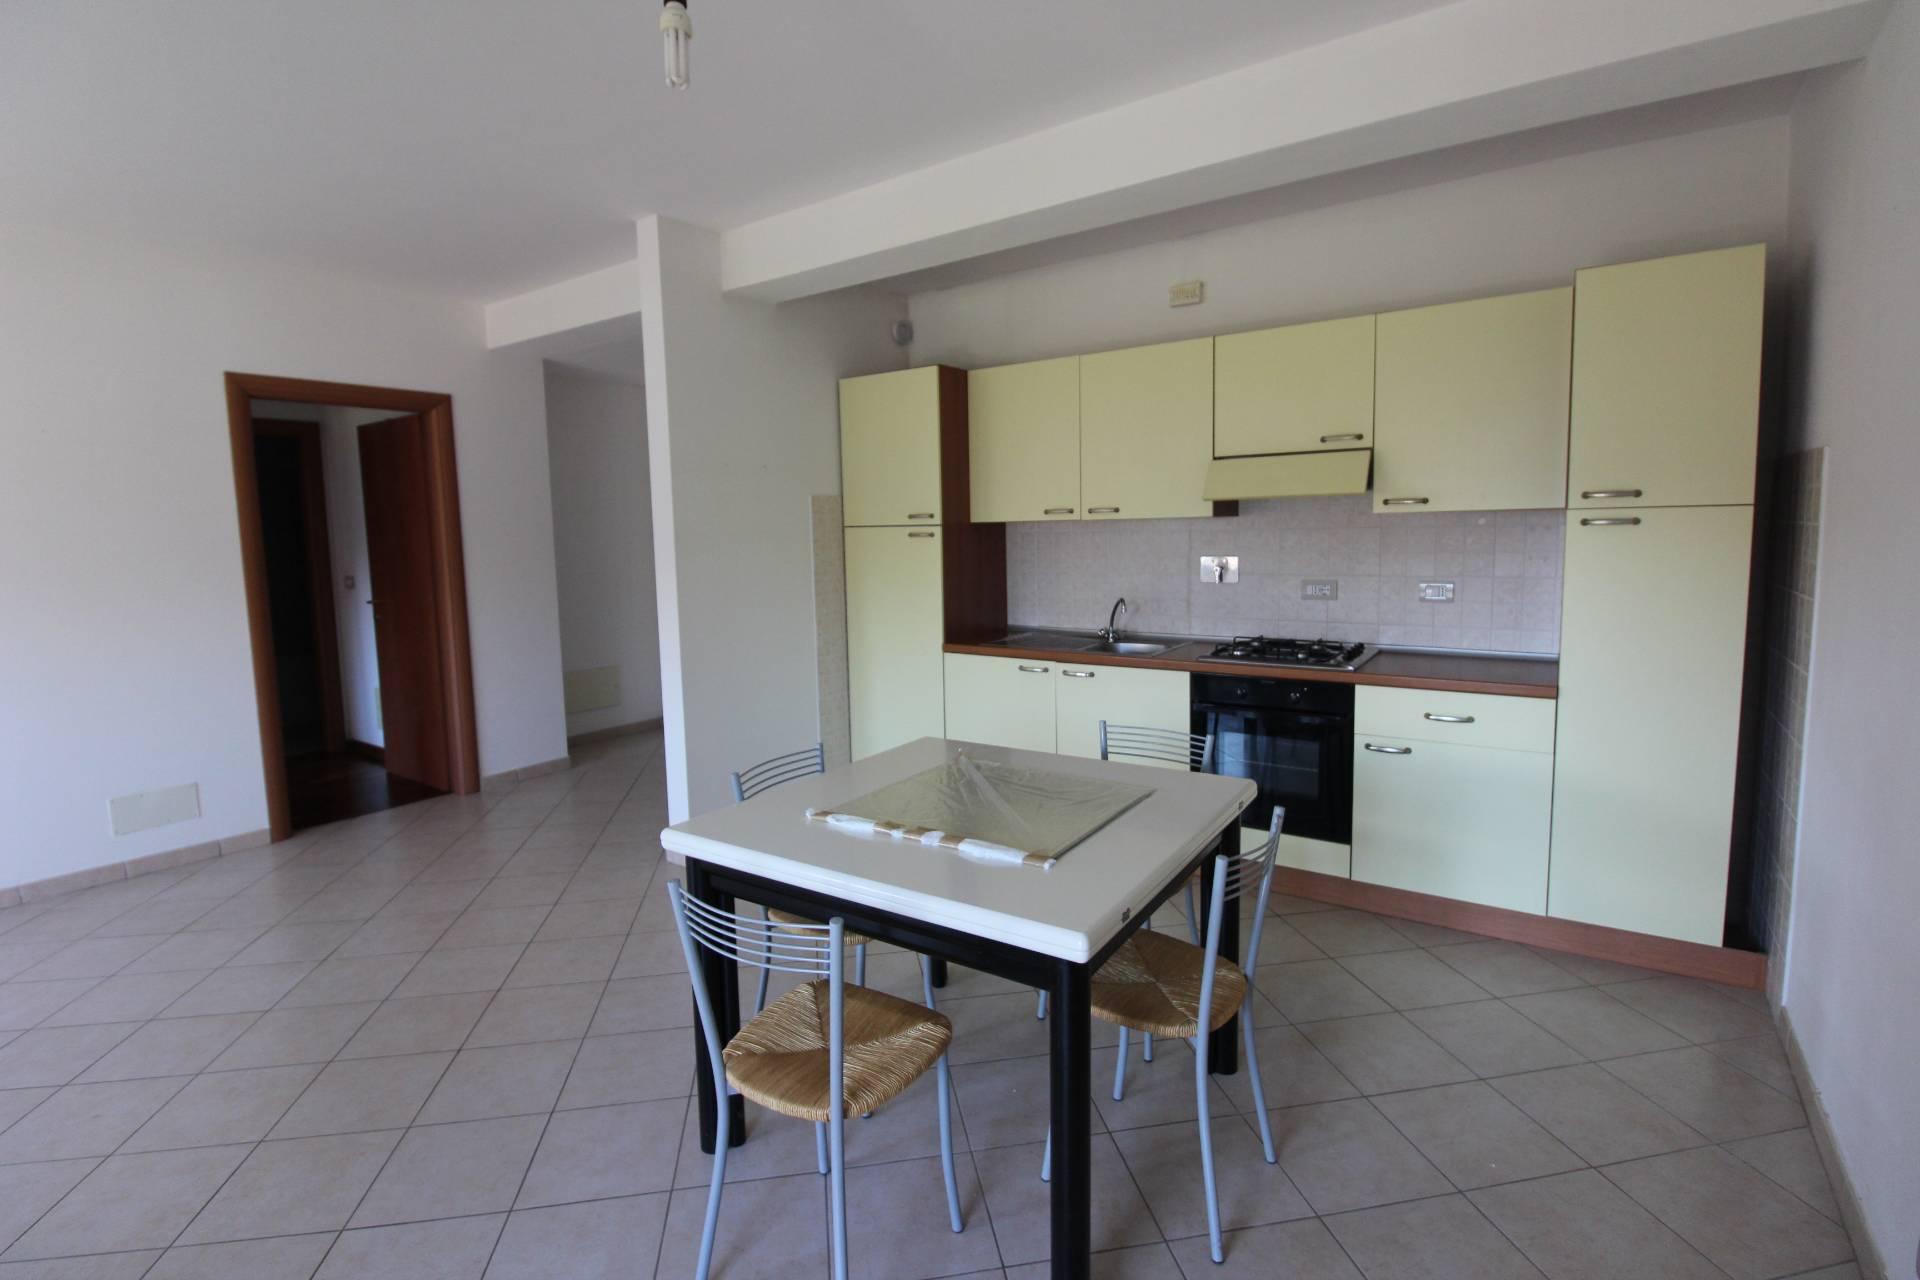 Appartamento in affitto a Putignano Pisano, Pisa